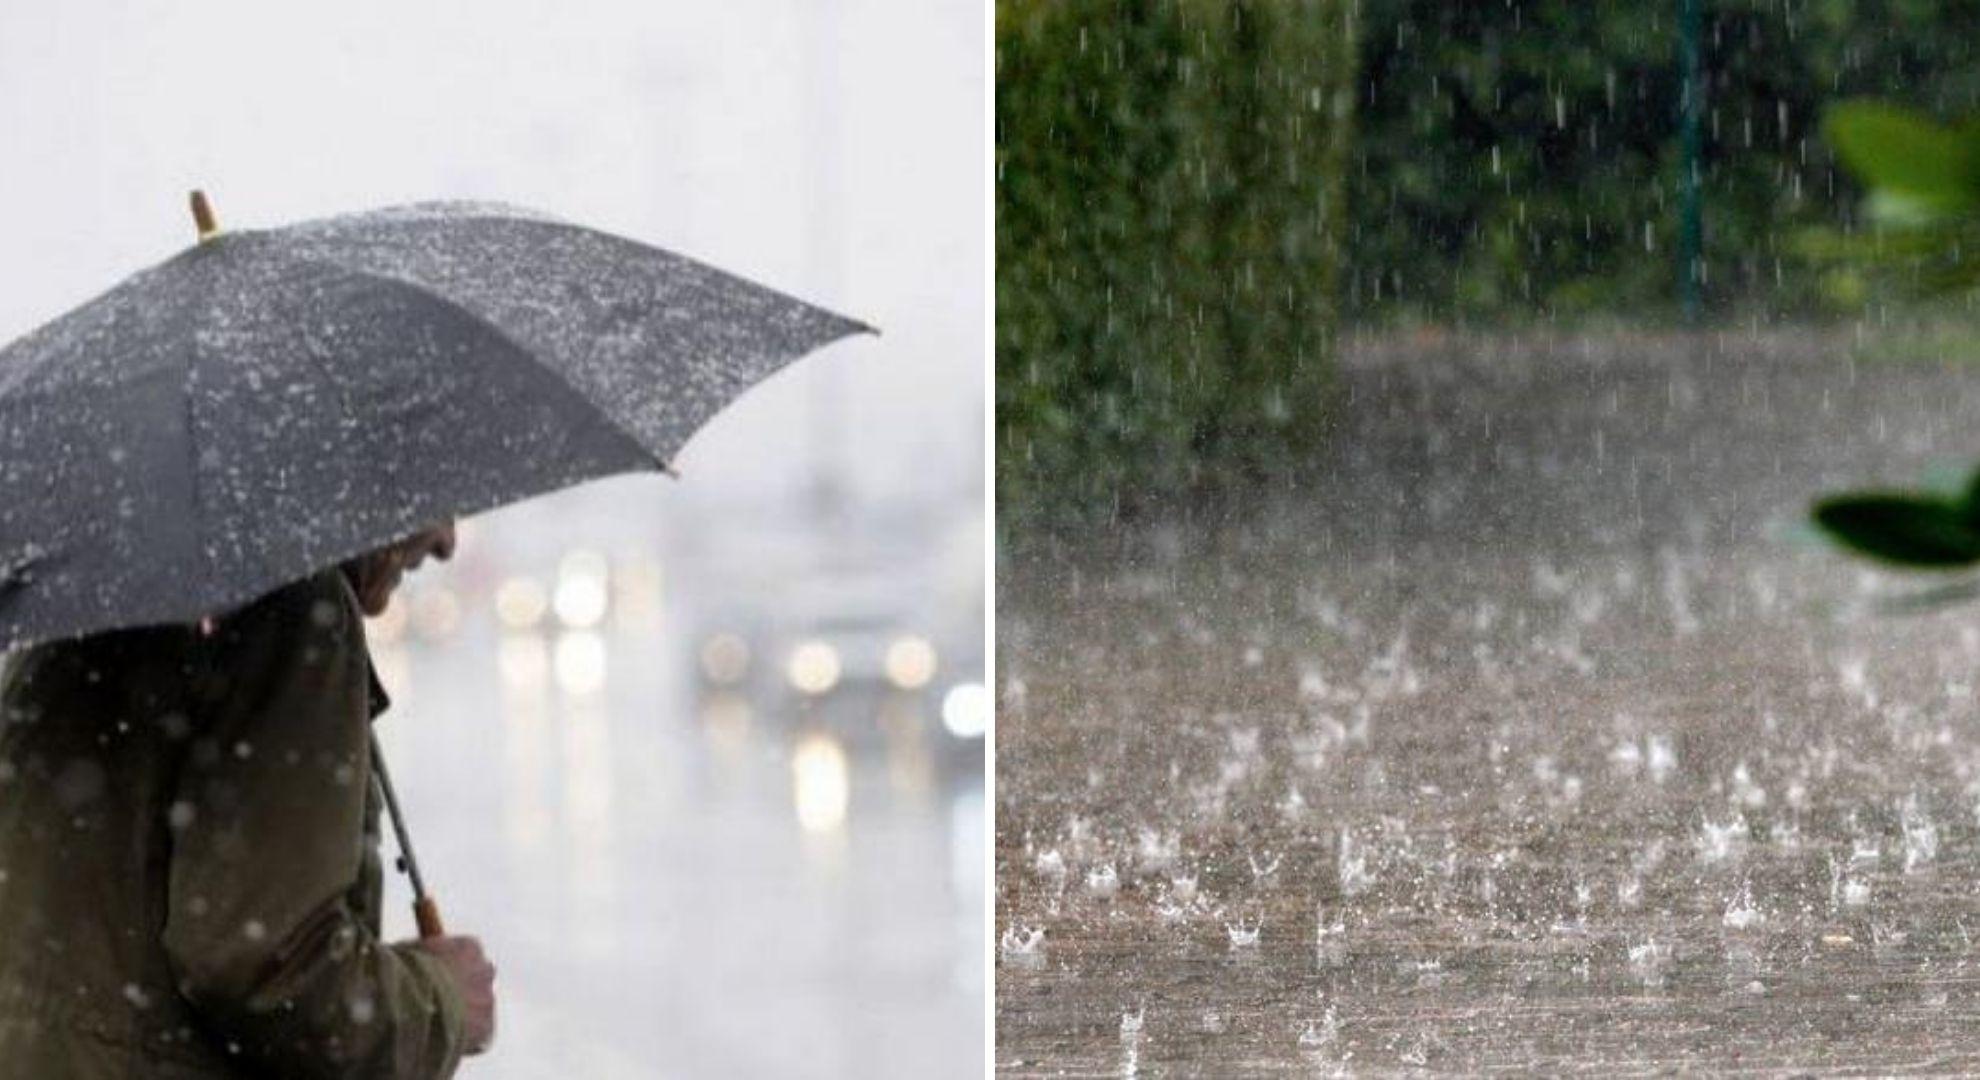 Prognoza ANM 9 octombrie 2020. Patru coduri de ploi abundente